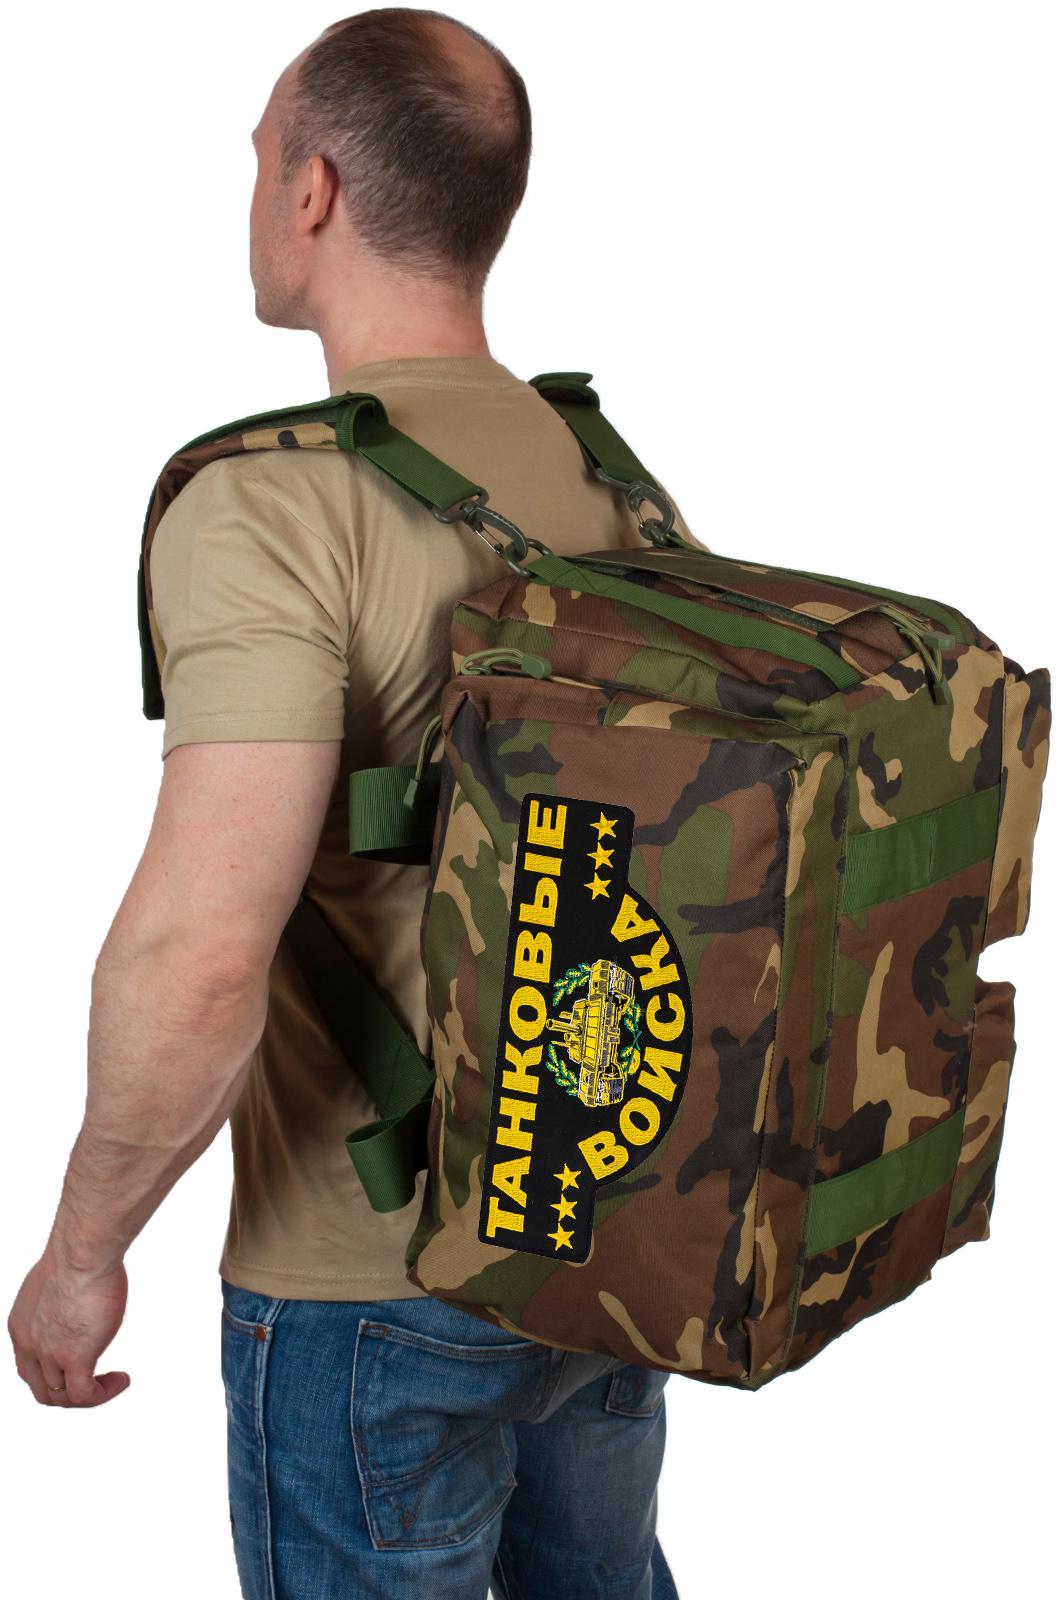 Купить военную дорожную сумку с нашивкой Танковые Войска по специальной цене